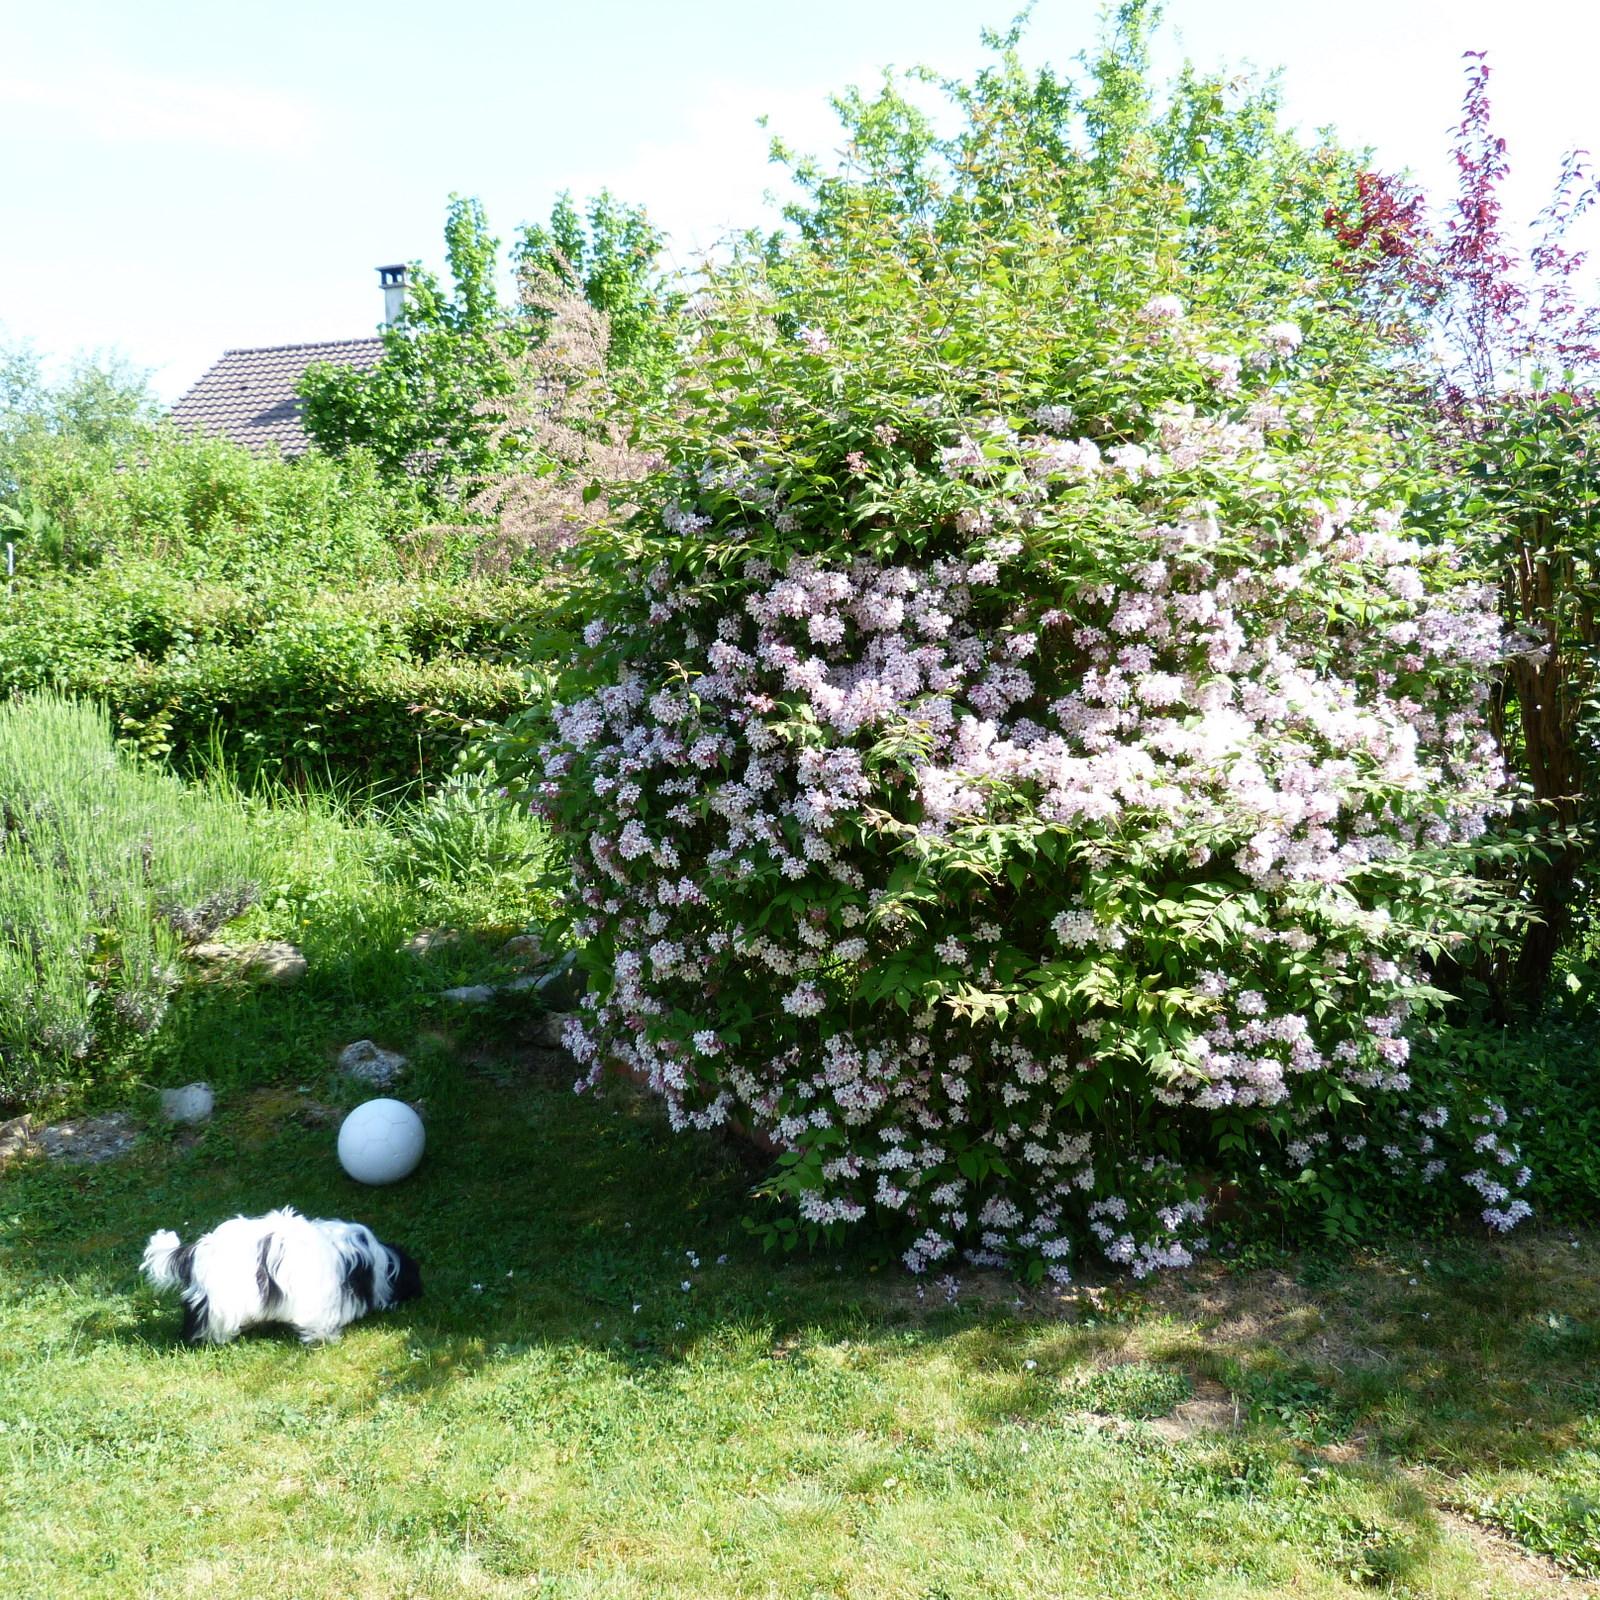 Petit patch smaranda nouvelles fleurs jardin fleuri - Idee petit jardin fleuri brest ...